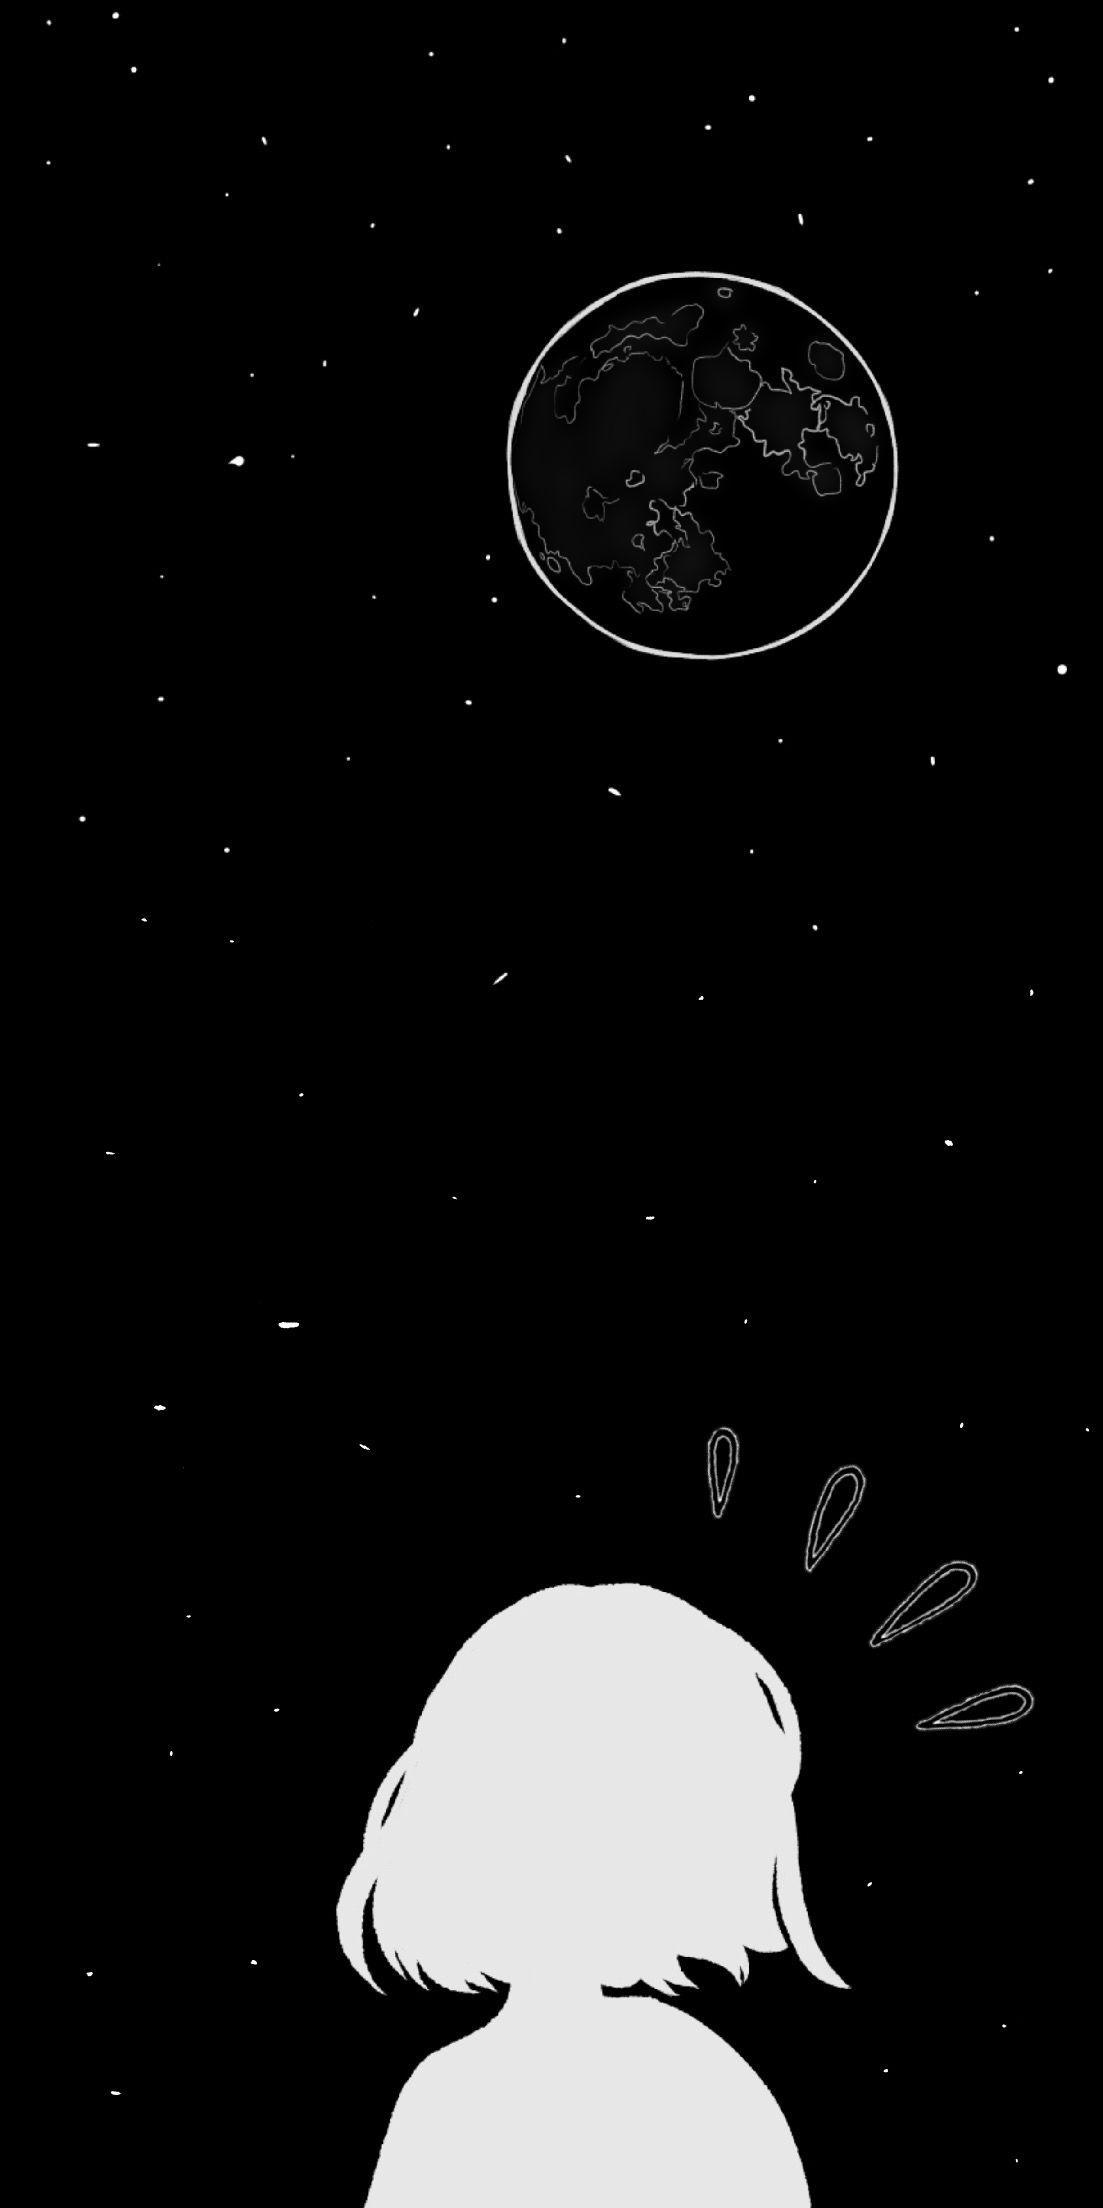 hình nền vũ trụ dễ thương cho iphone